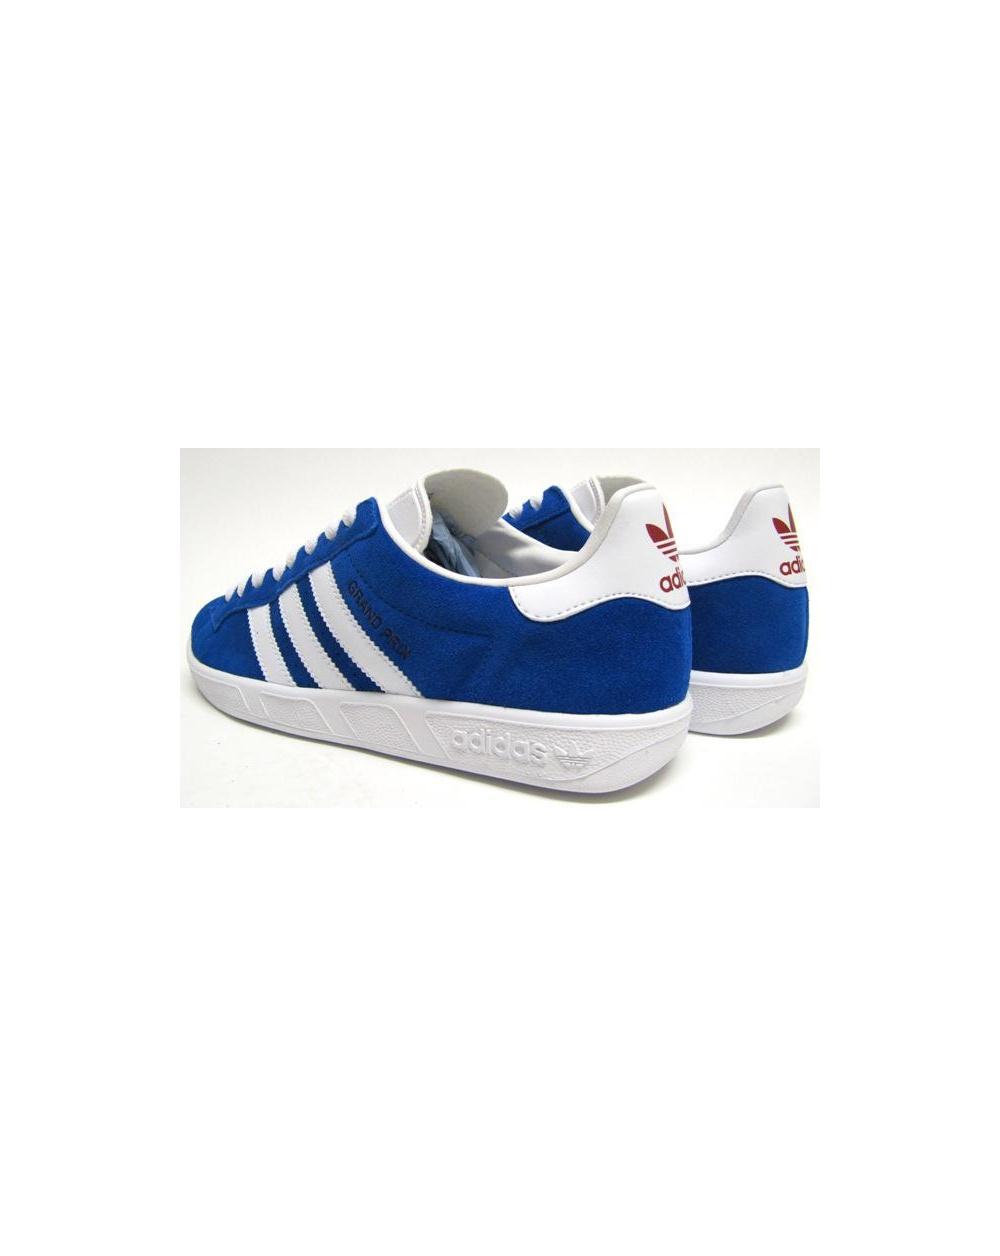 adidas springblade drive jr les jeunes des chaussures de course consécutive